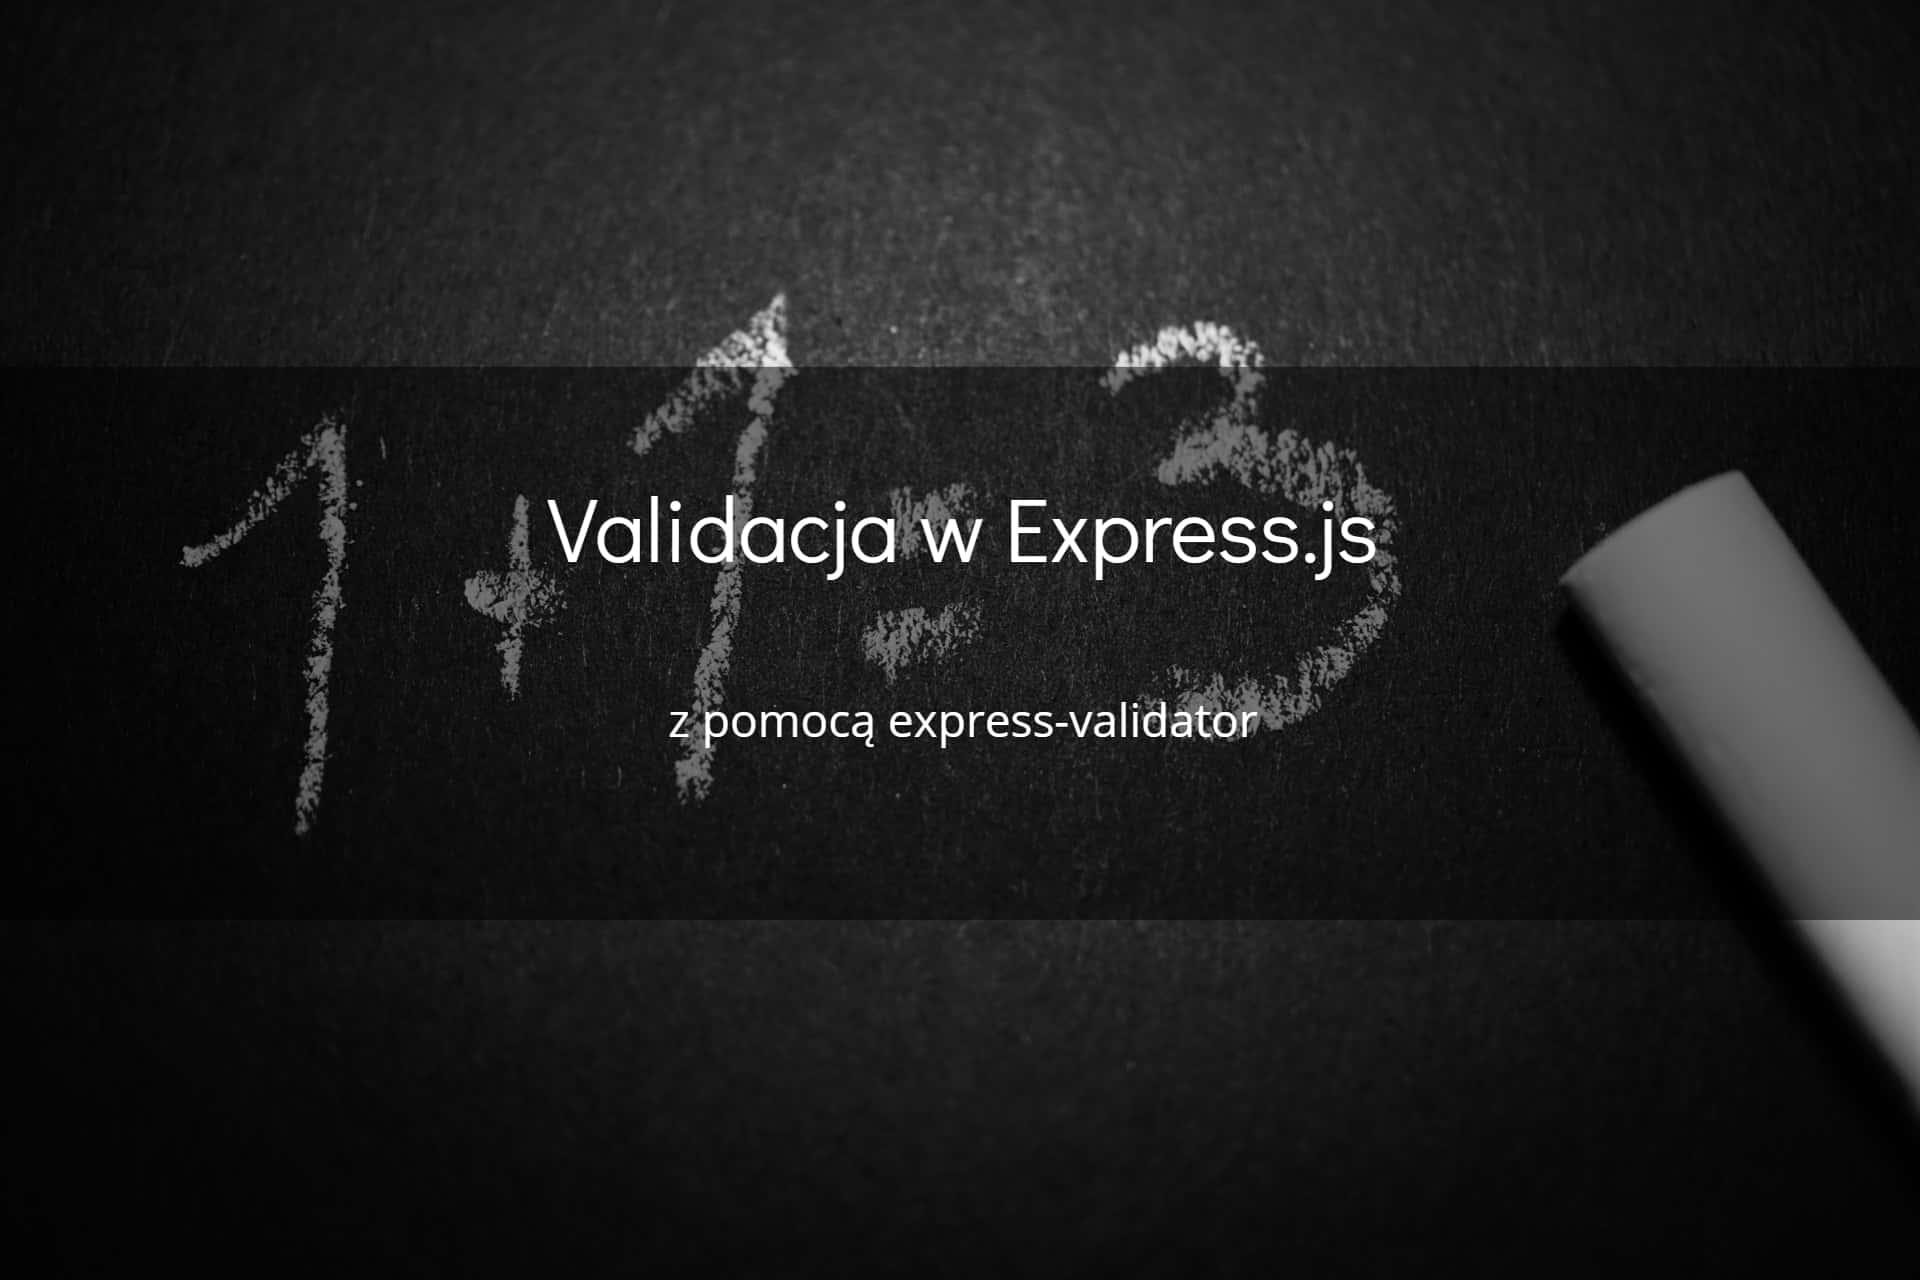 Validacja w Express.js z pomocą express-validator